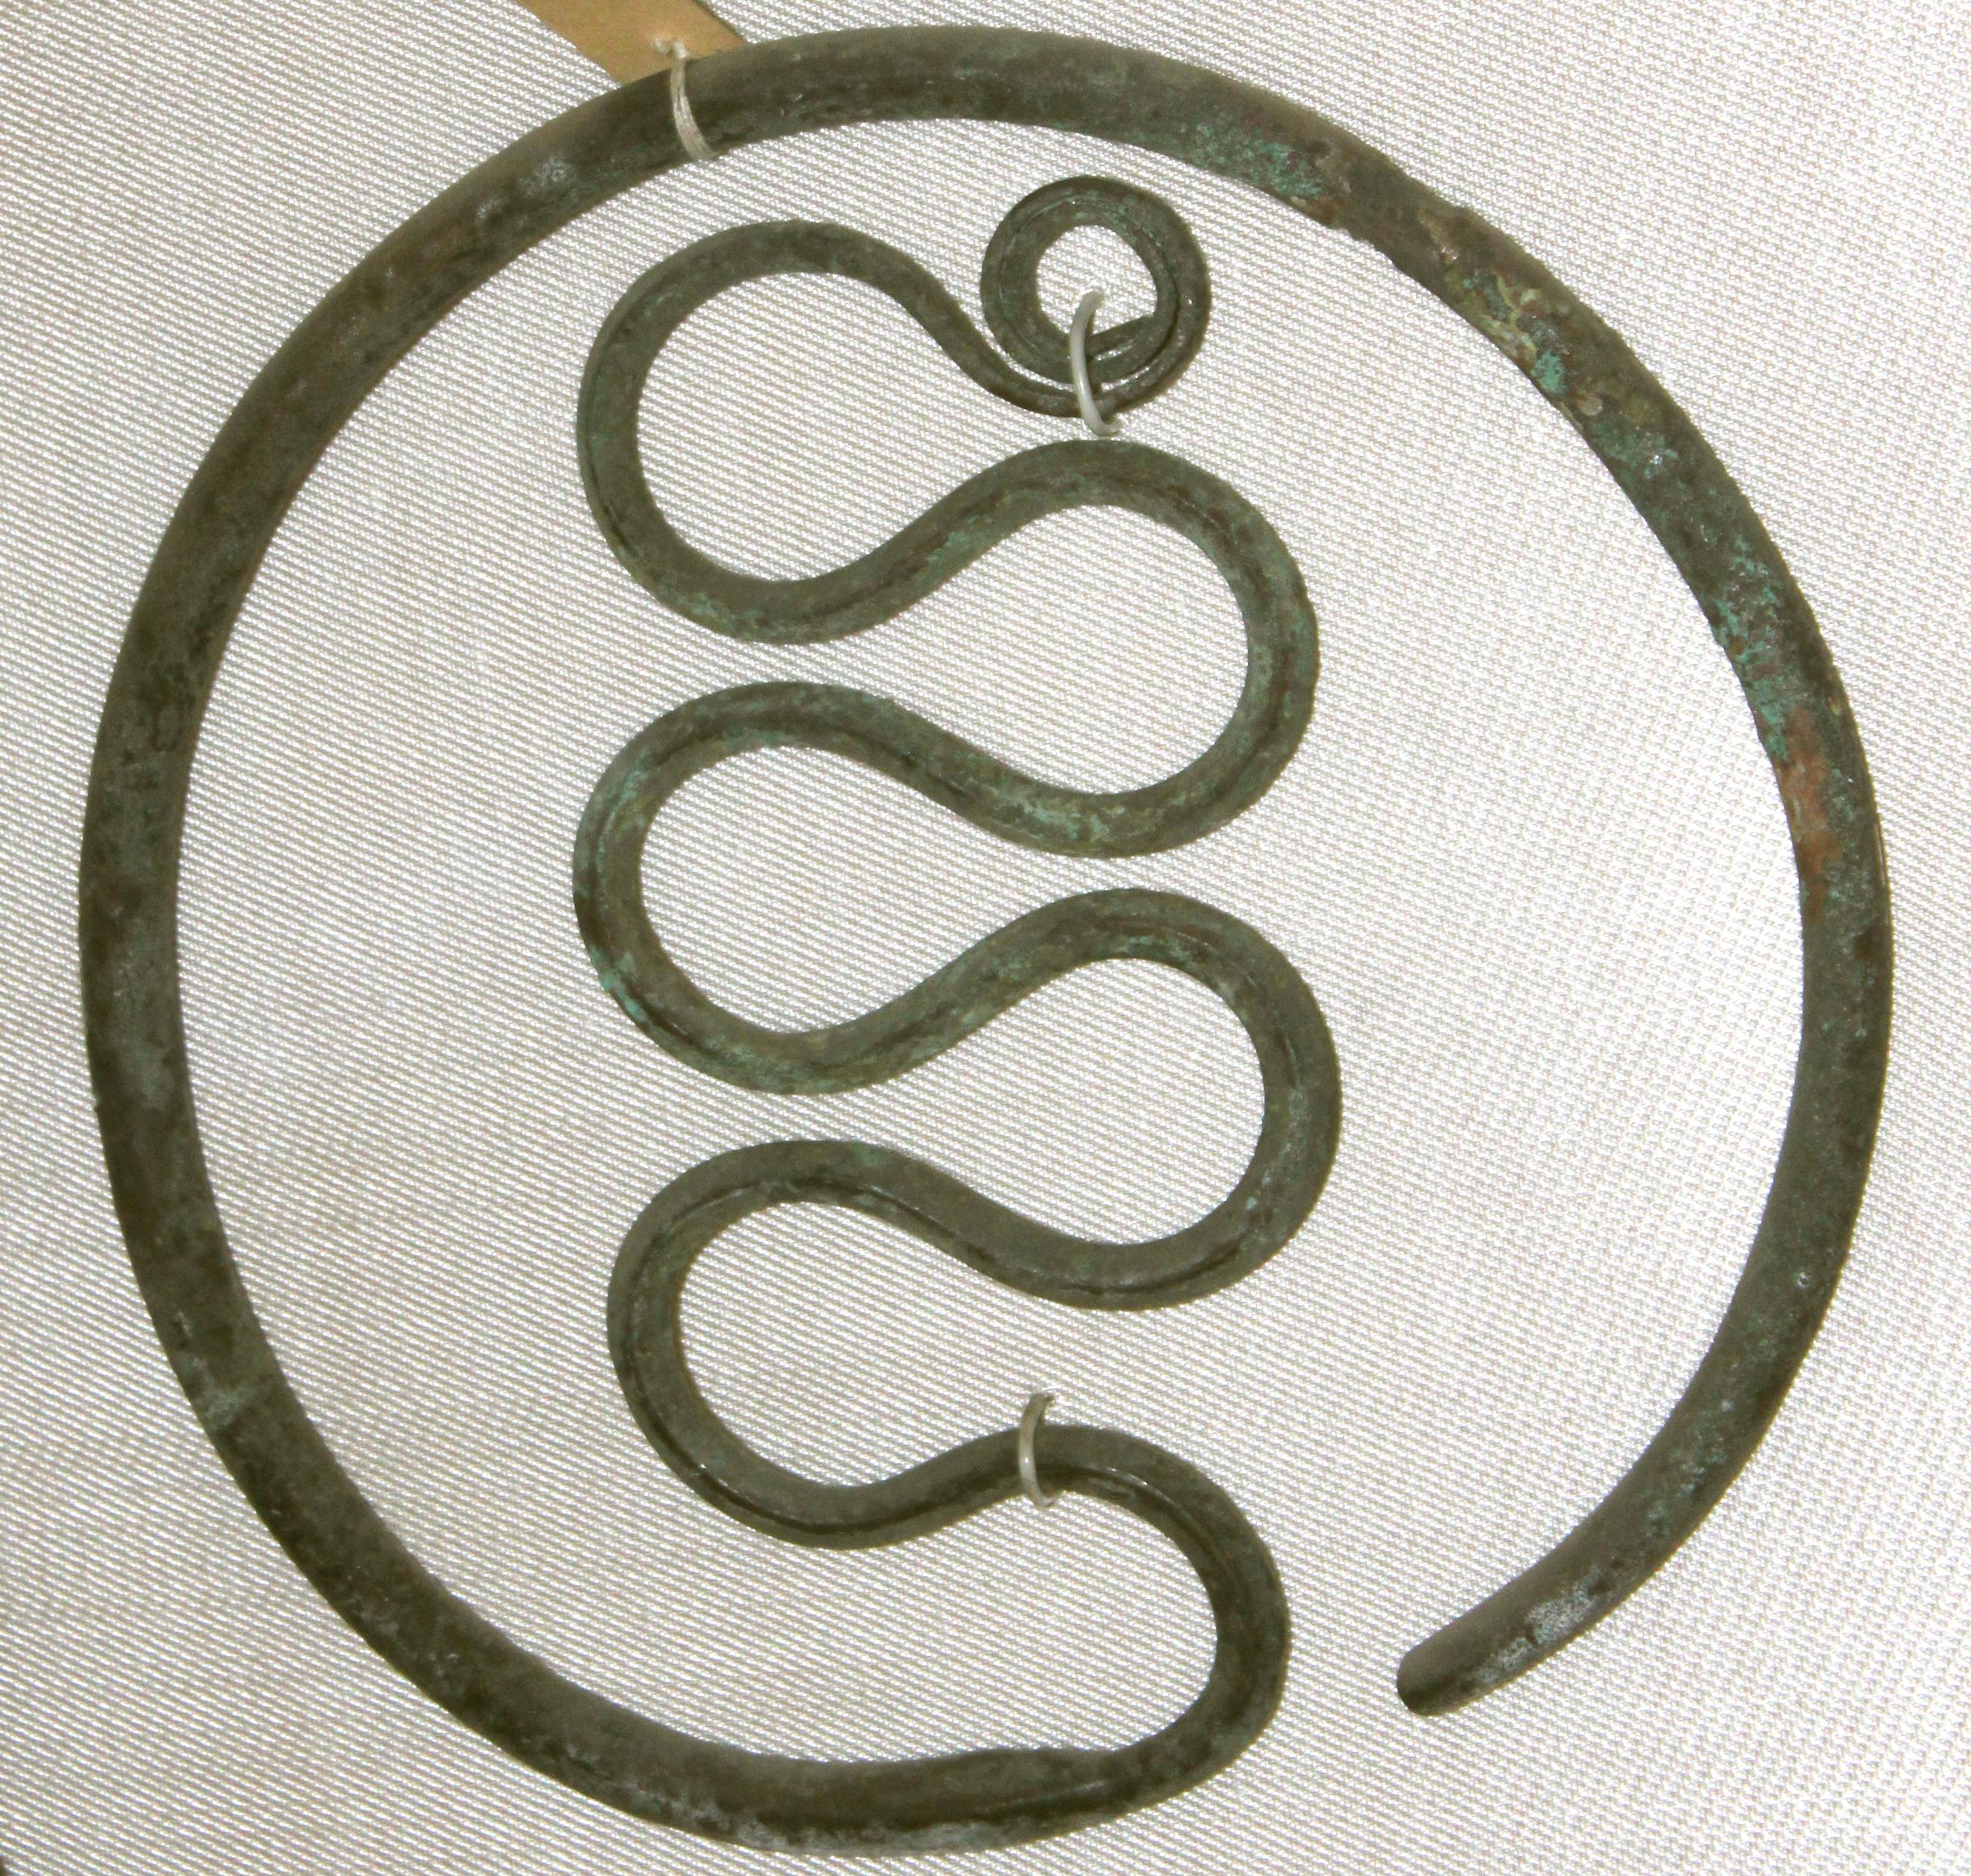 fileamulet from qarğalartpəsijpg wikimedia commons